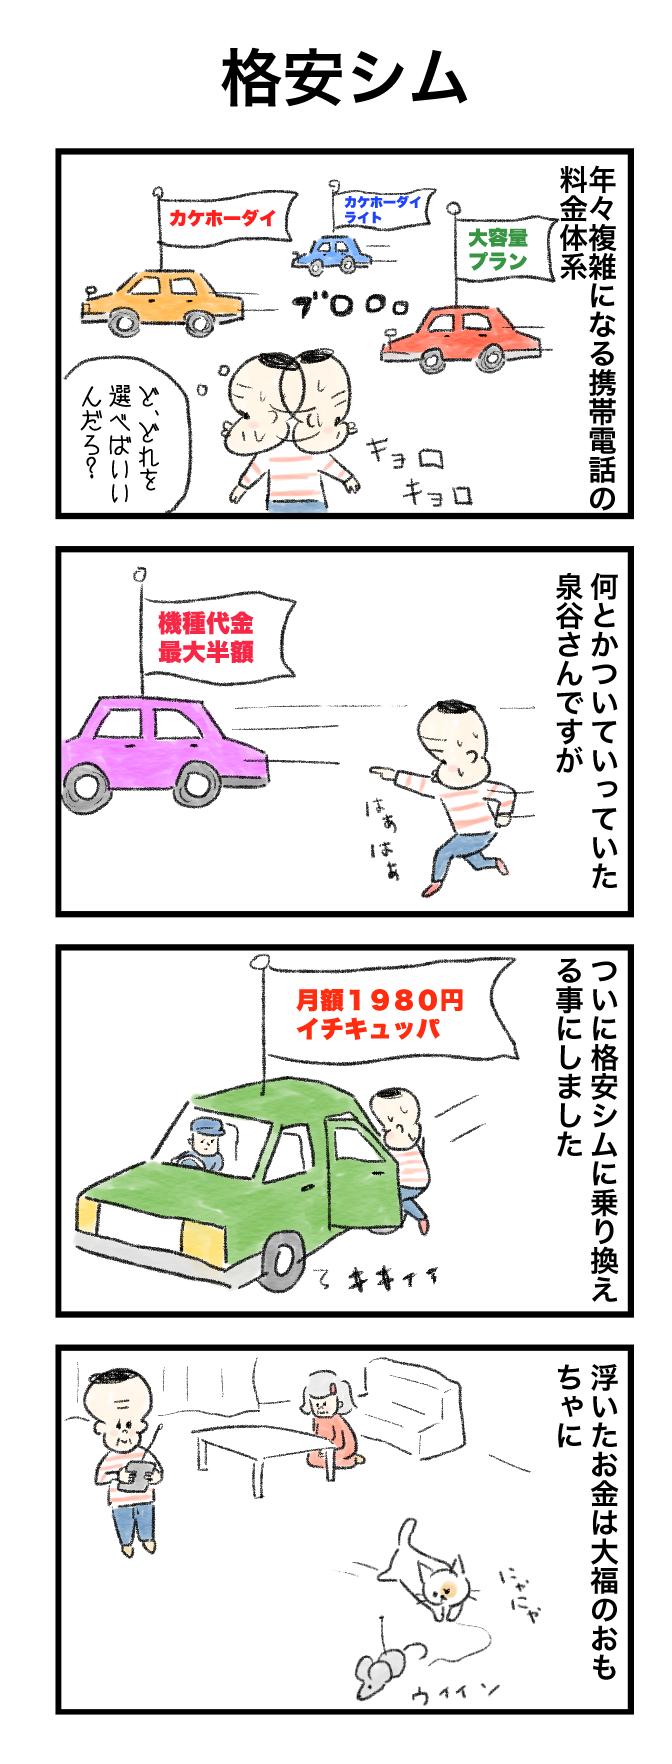 今日の泉谷さん【16】 作:カワサキヒロシ(ごとお日漫画)